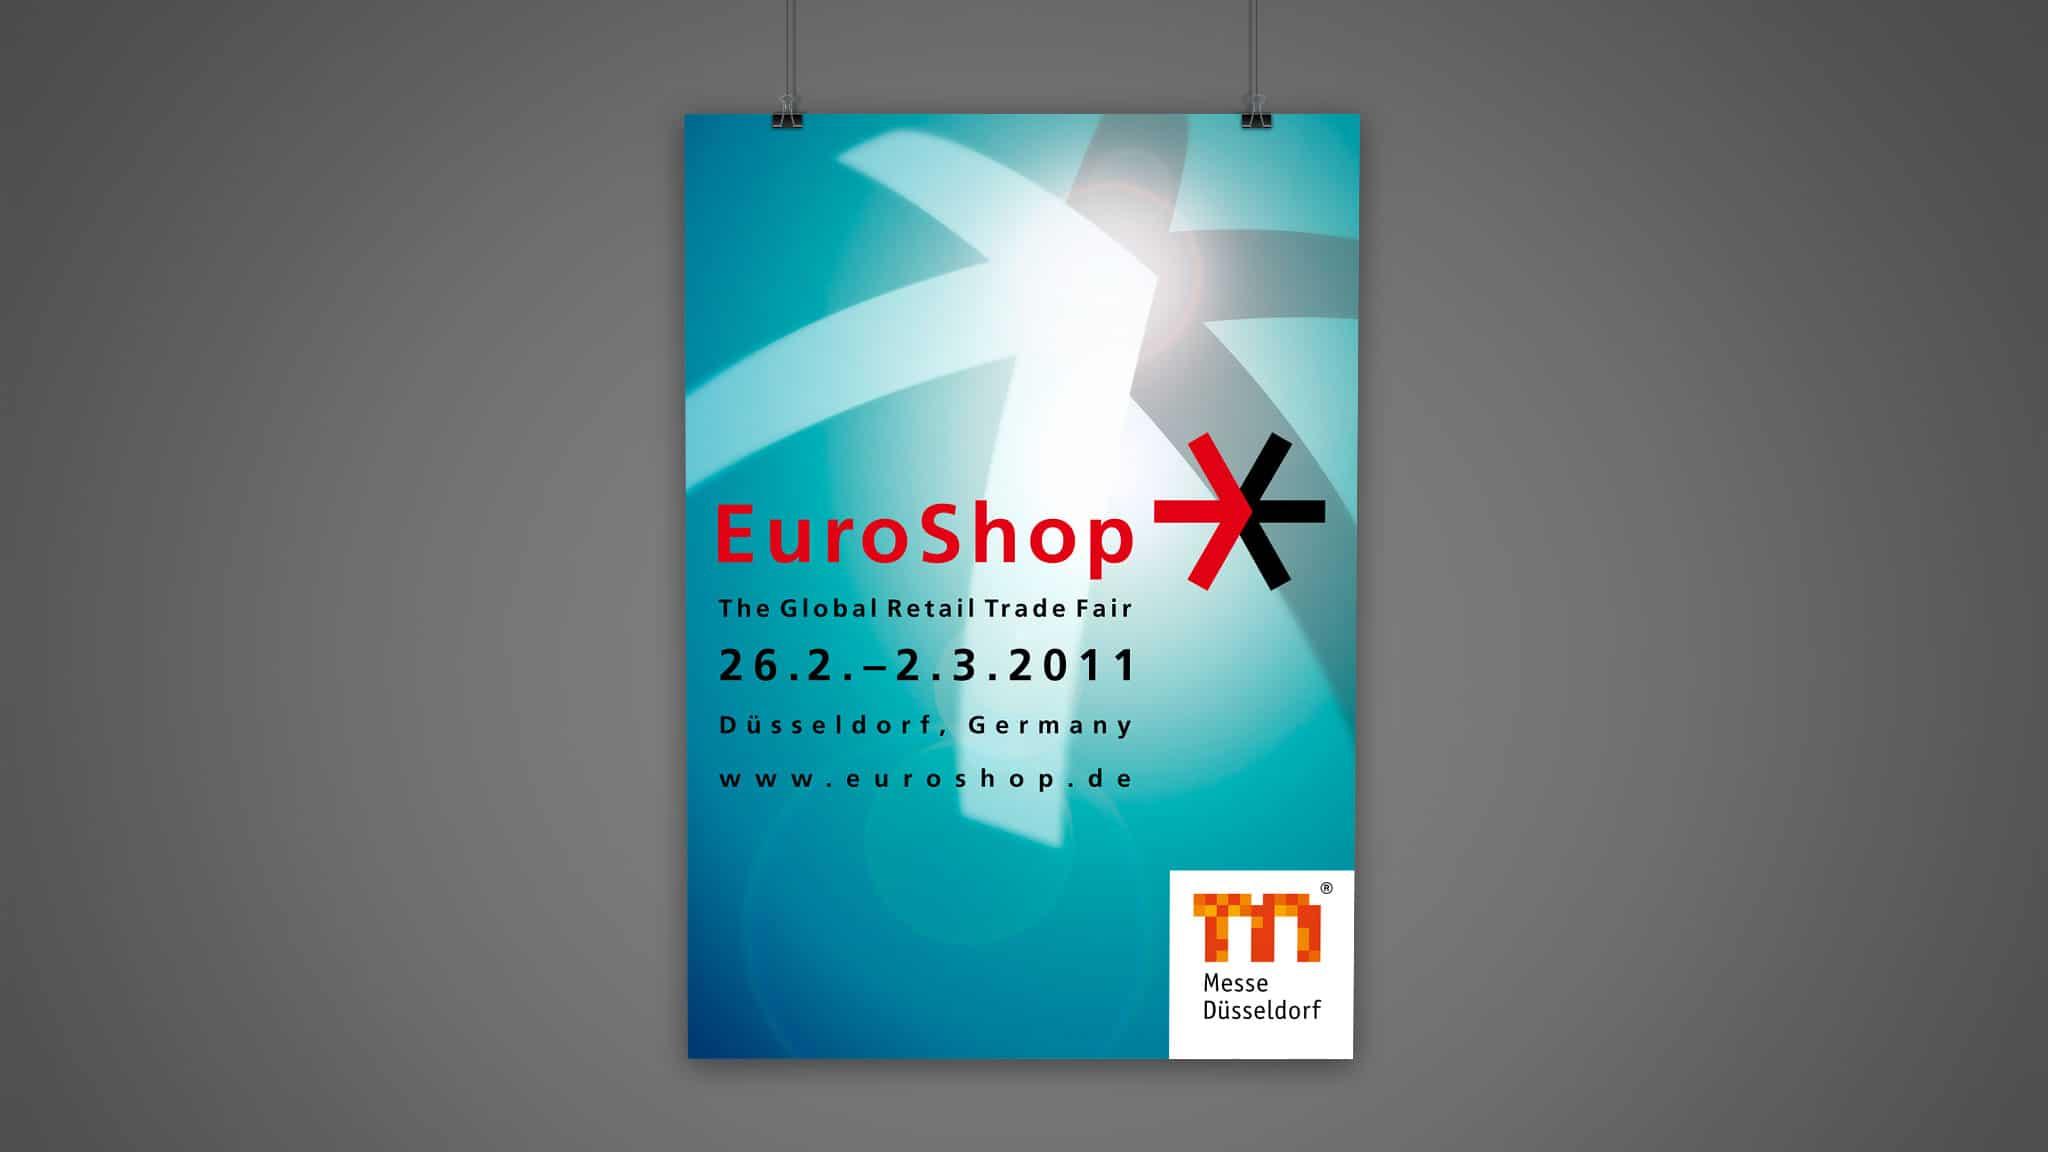 Plakatdesign für die Messe Düsseldorf